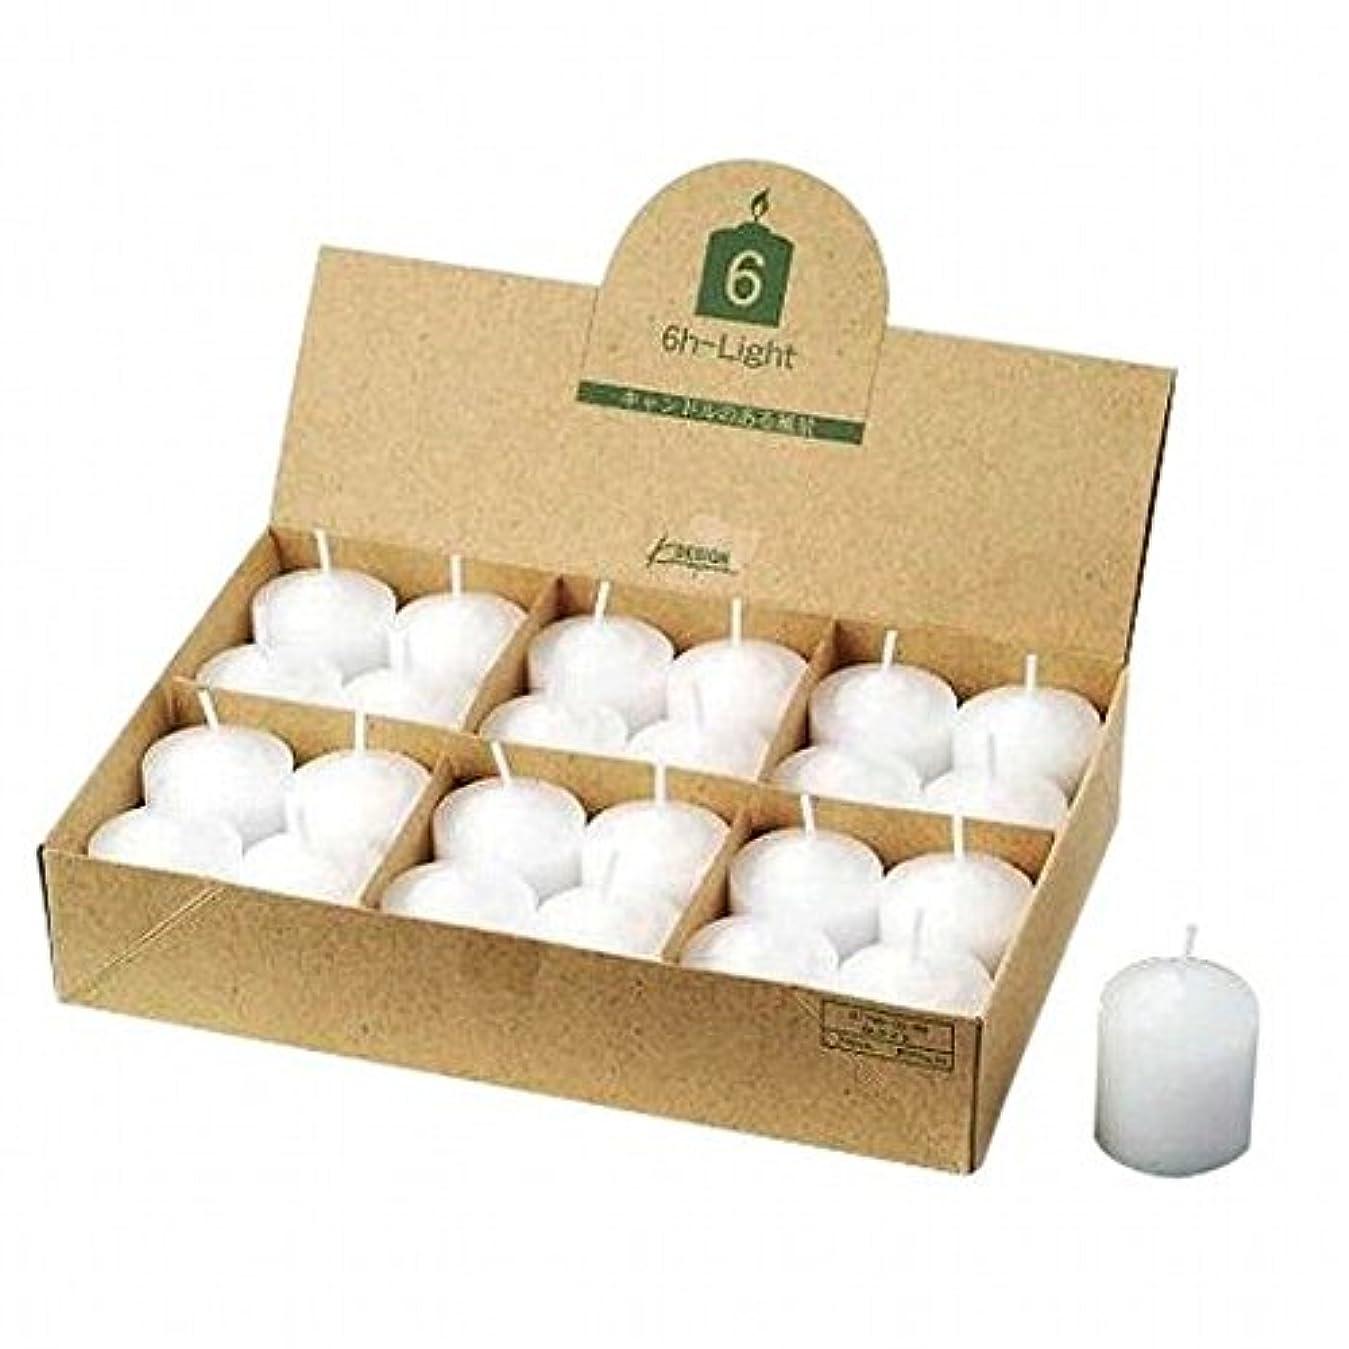 選択するフォーマット兵隊kameyama candle(カメヤマキャンドル) 6Hライト(6時間タイプ)24個入り(日本製)(77960099)